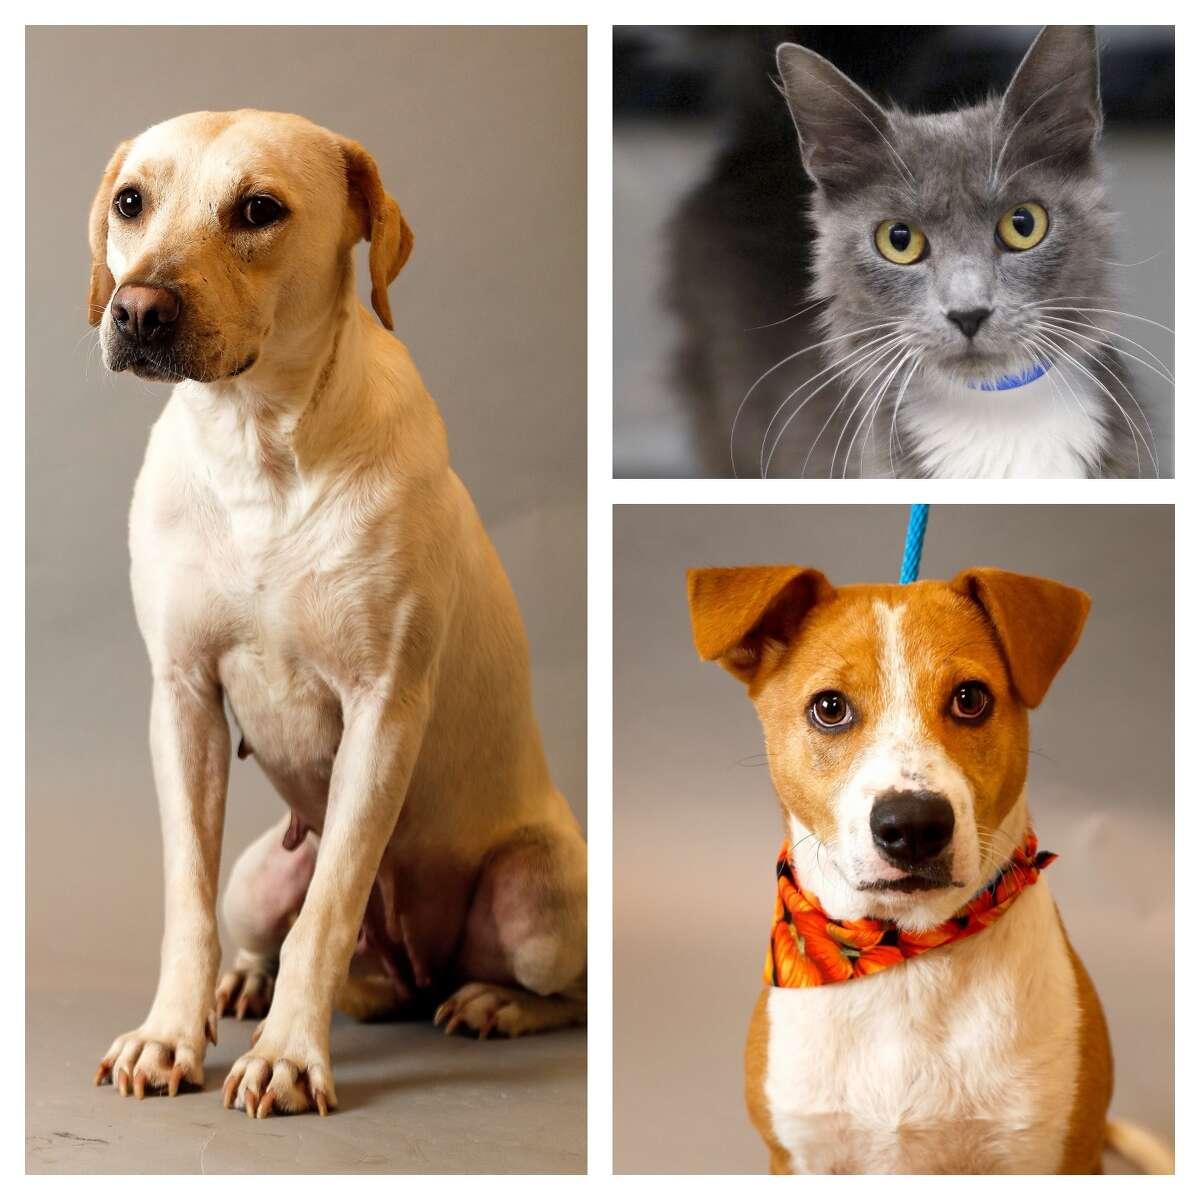 PETS OF THE WEEK: SPCA